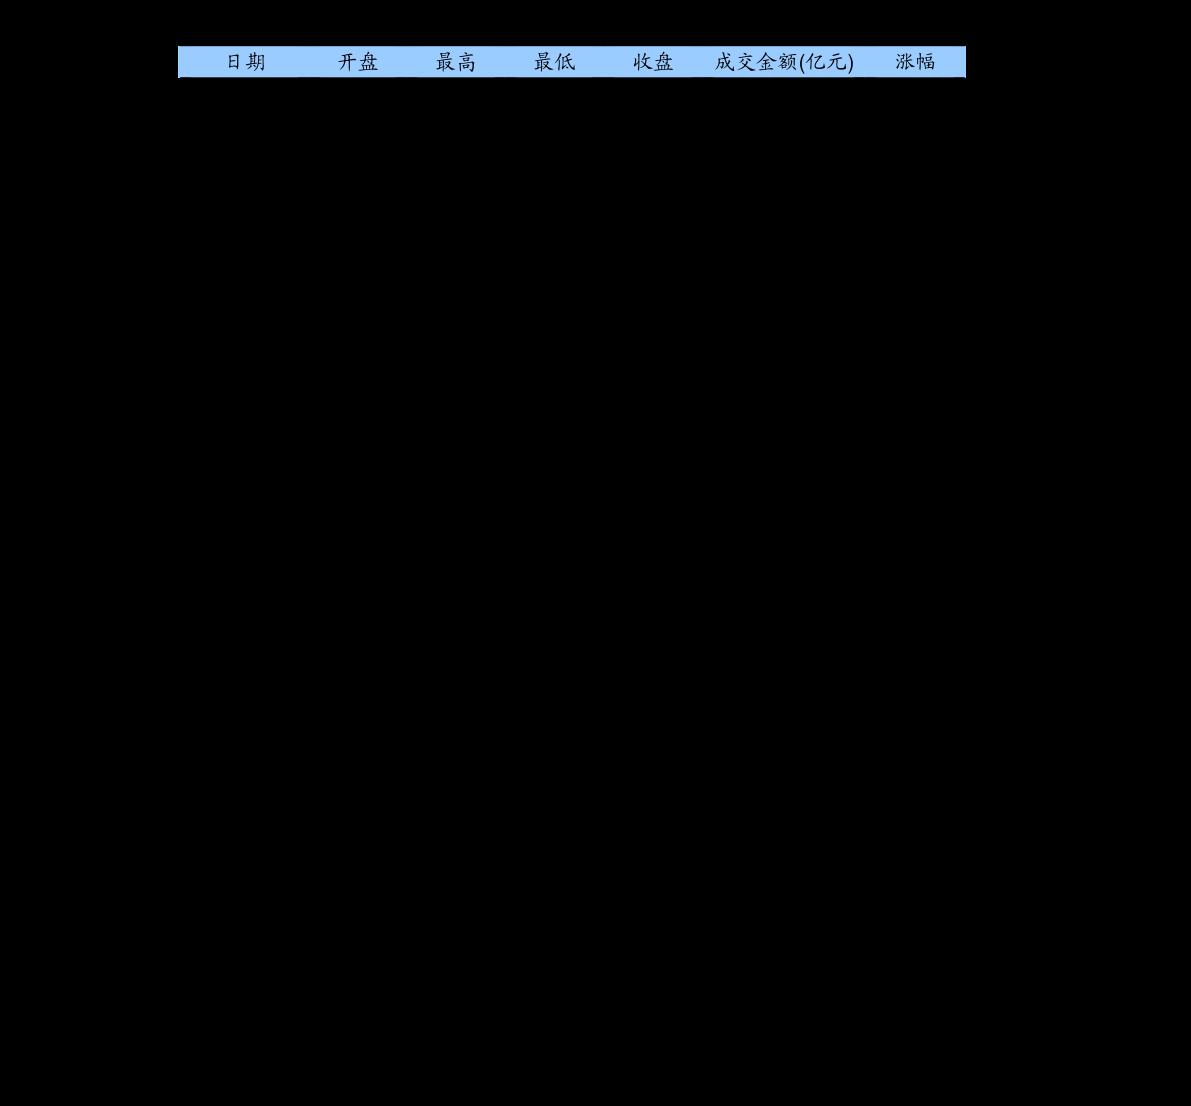 安信雷火电竞平台-新三板主题报告:K12教培龙头新东方回港进入倒计时,看公司核心竞争力如何?-201027